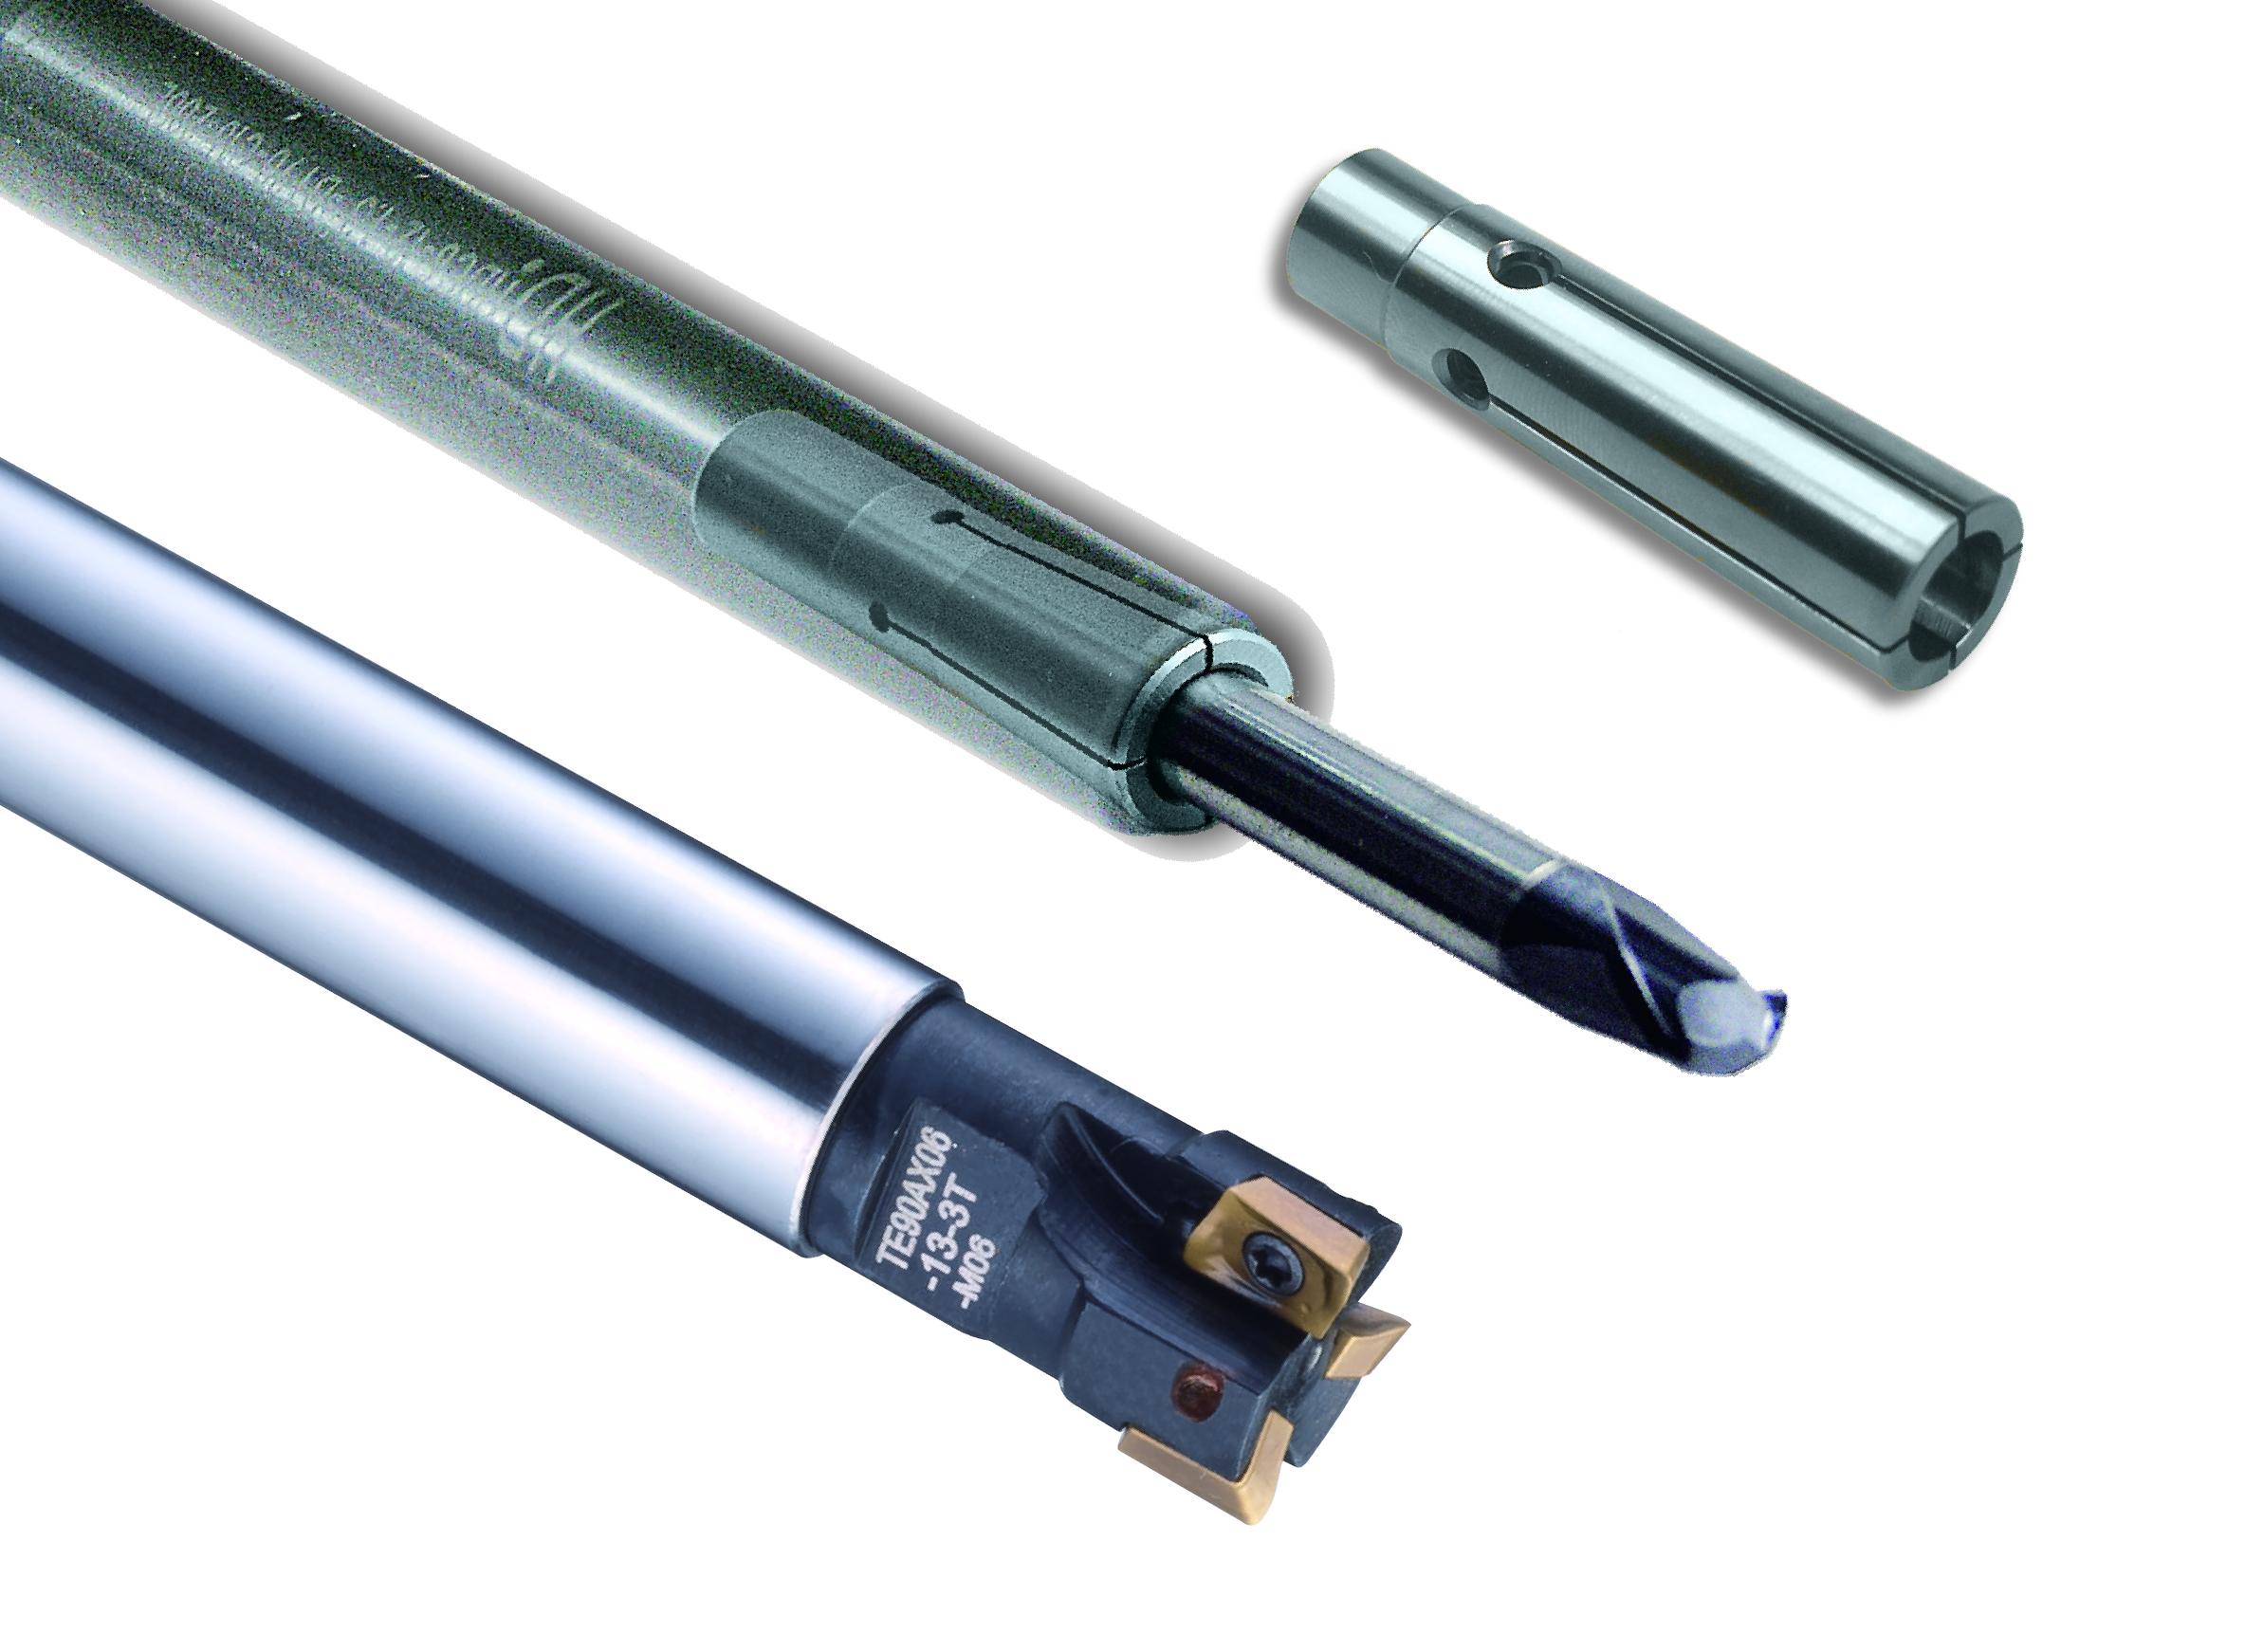 Carbide tool holder